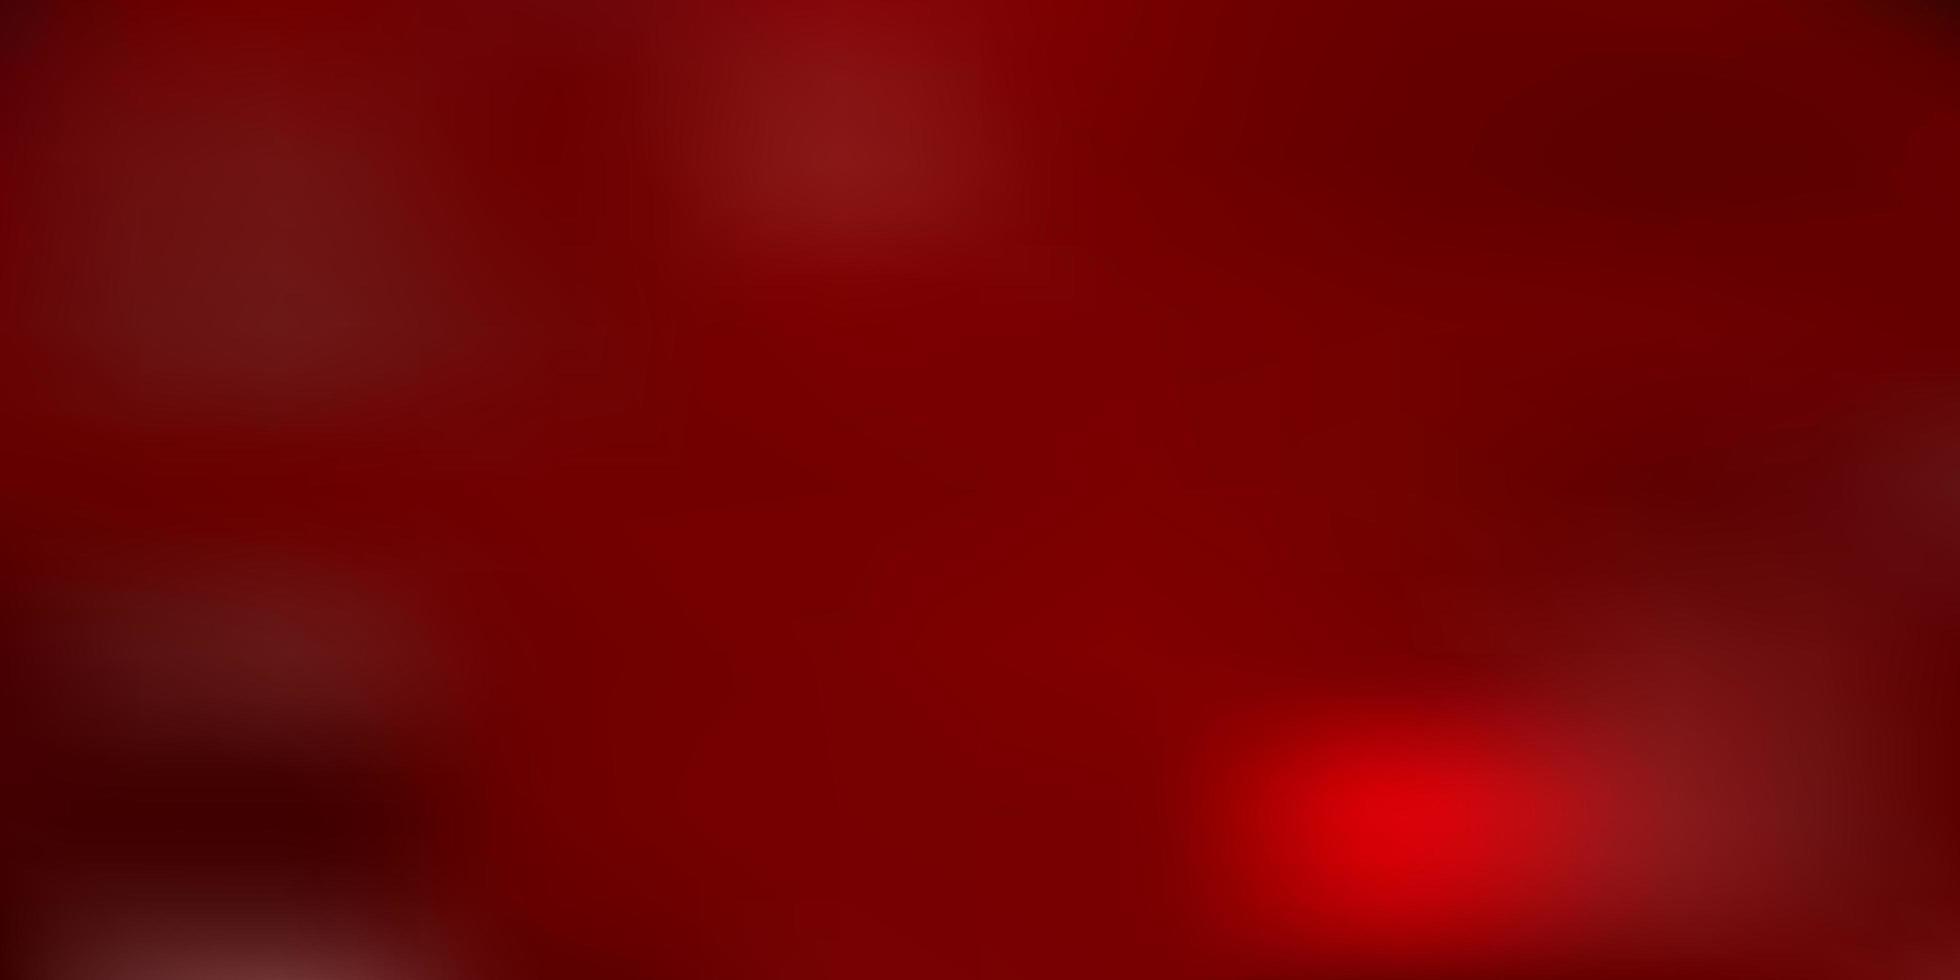 lichtrode vector verloop achtergrond wazig.